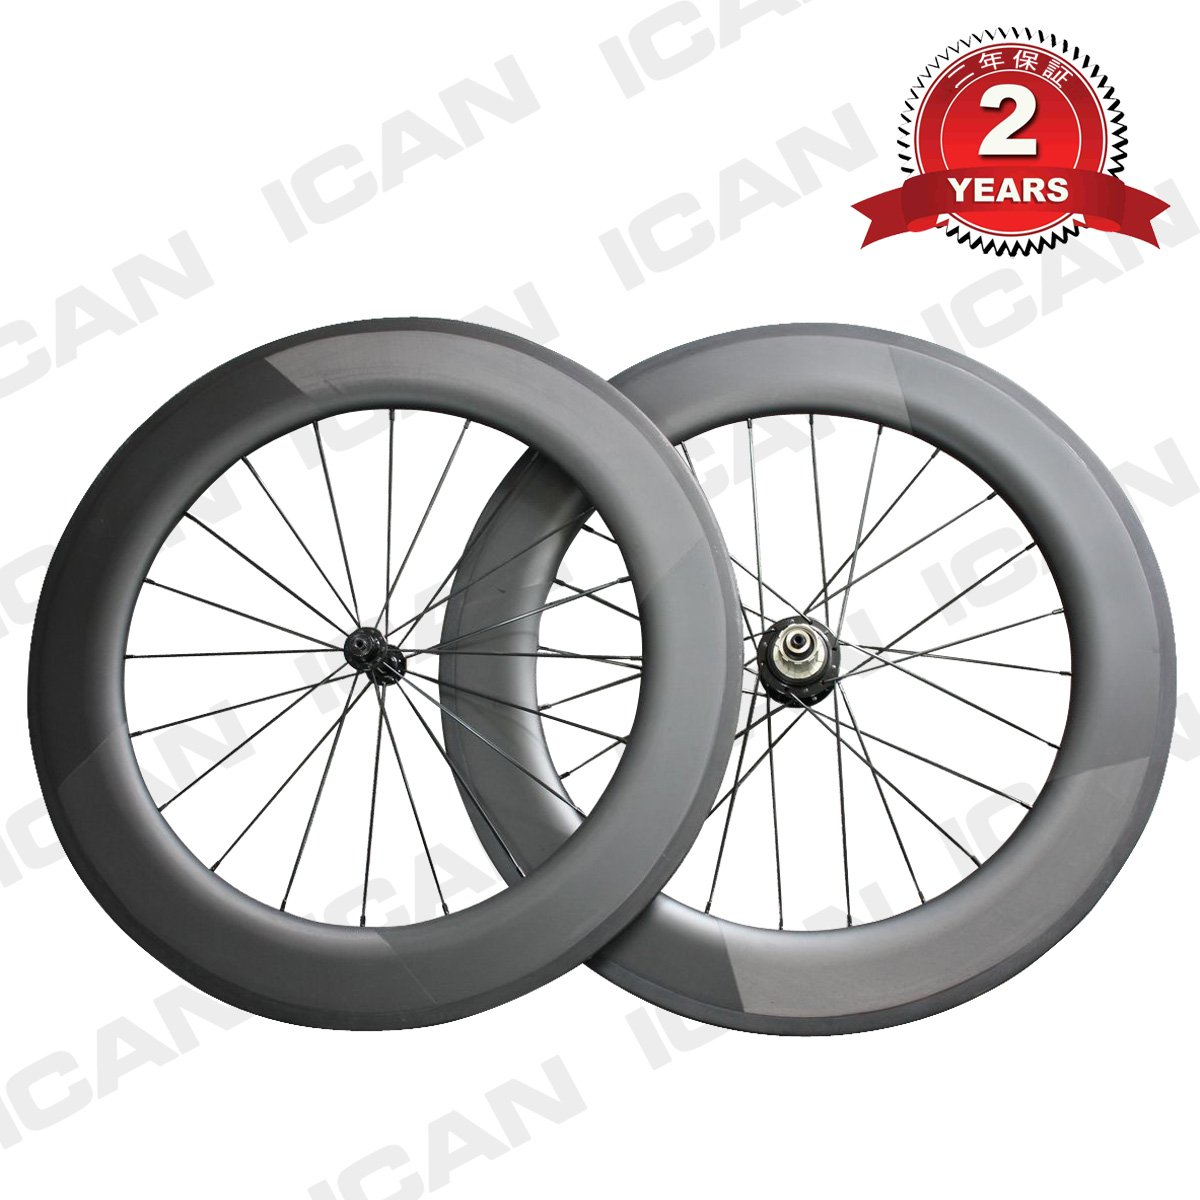 ICAN(アイカン) 86mm深 27mm幅 軽量ディープリム チューブラーカーボンホイールセット   ロードレース用 UD-マット ロゴ無し 20/24H 1ペア 約1830g B01KXH8KLU